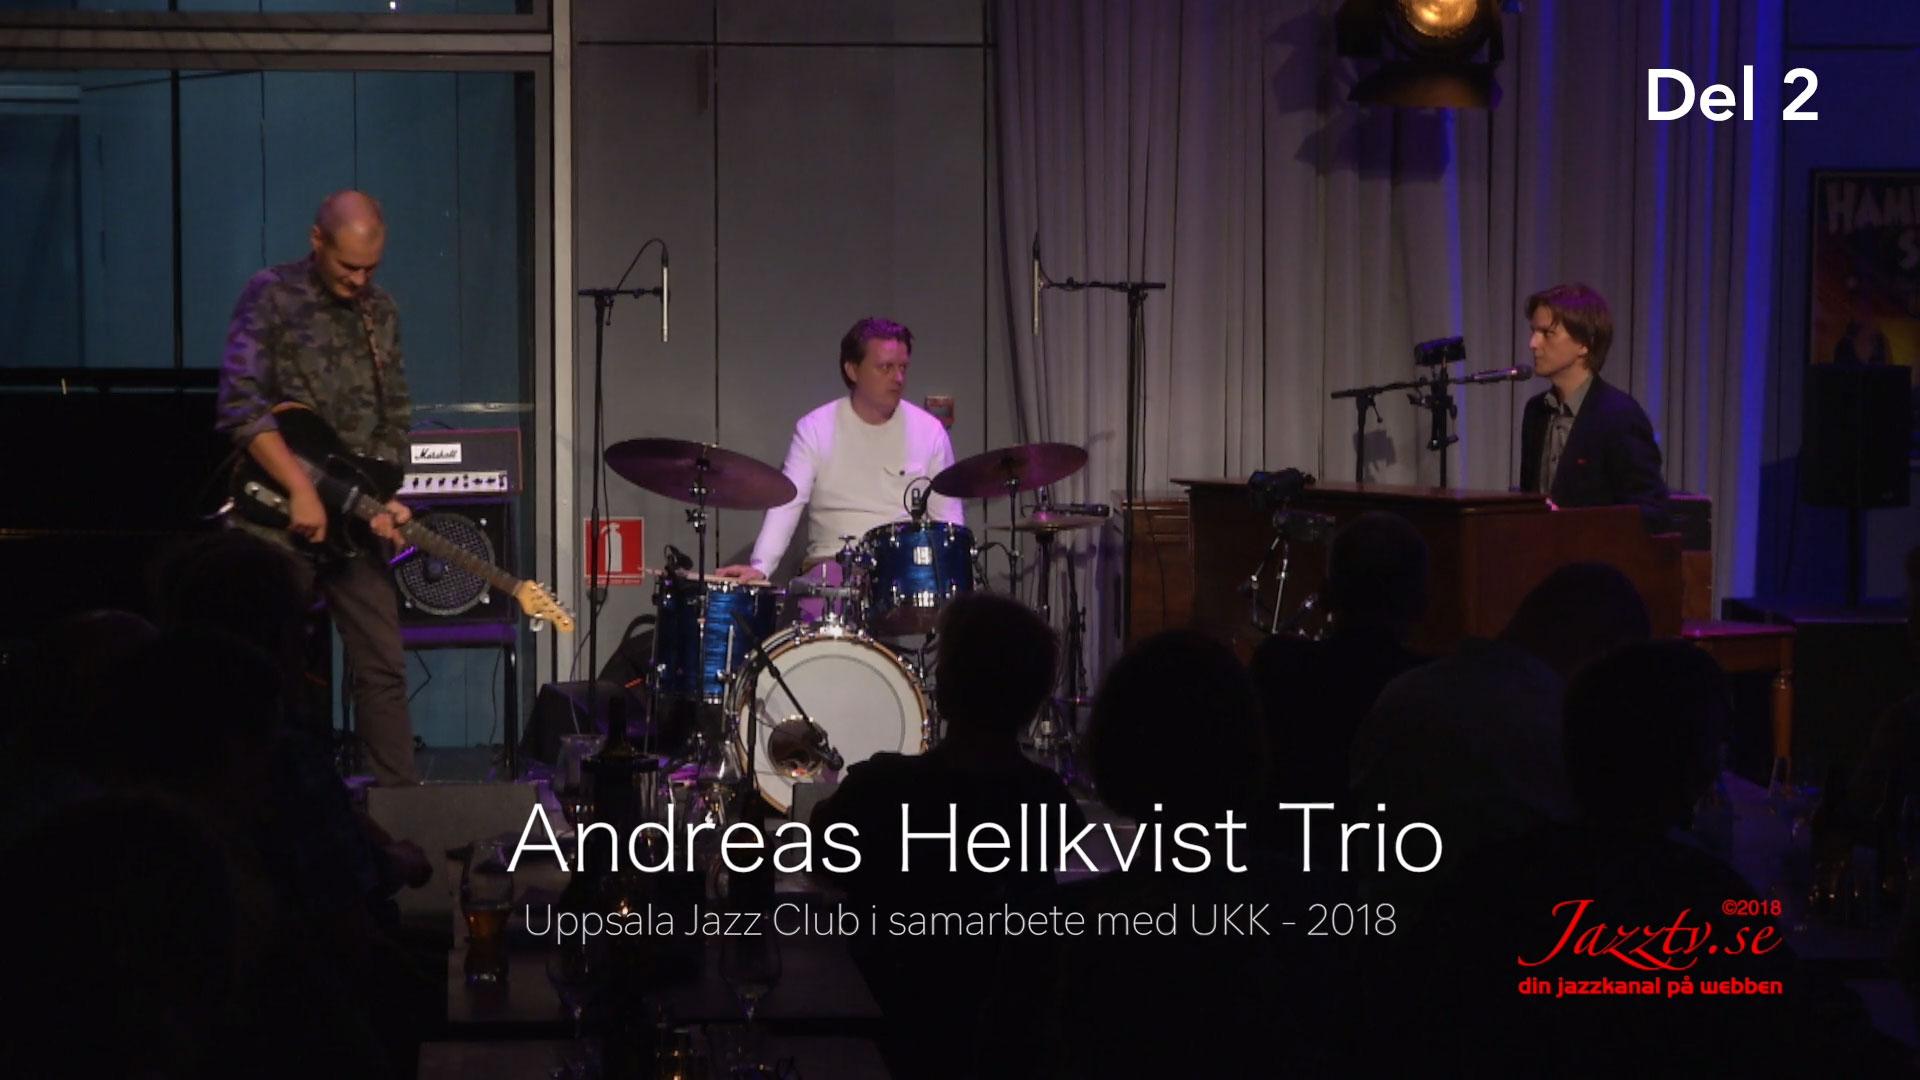 Andreas Hellkvist Trio